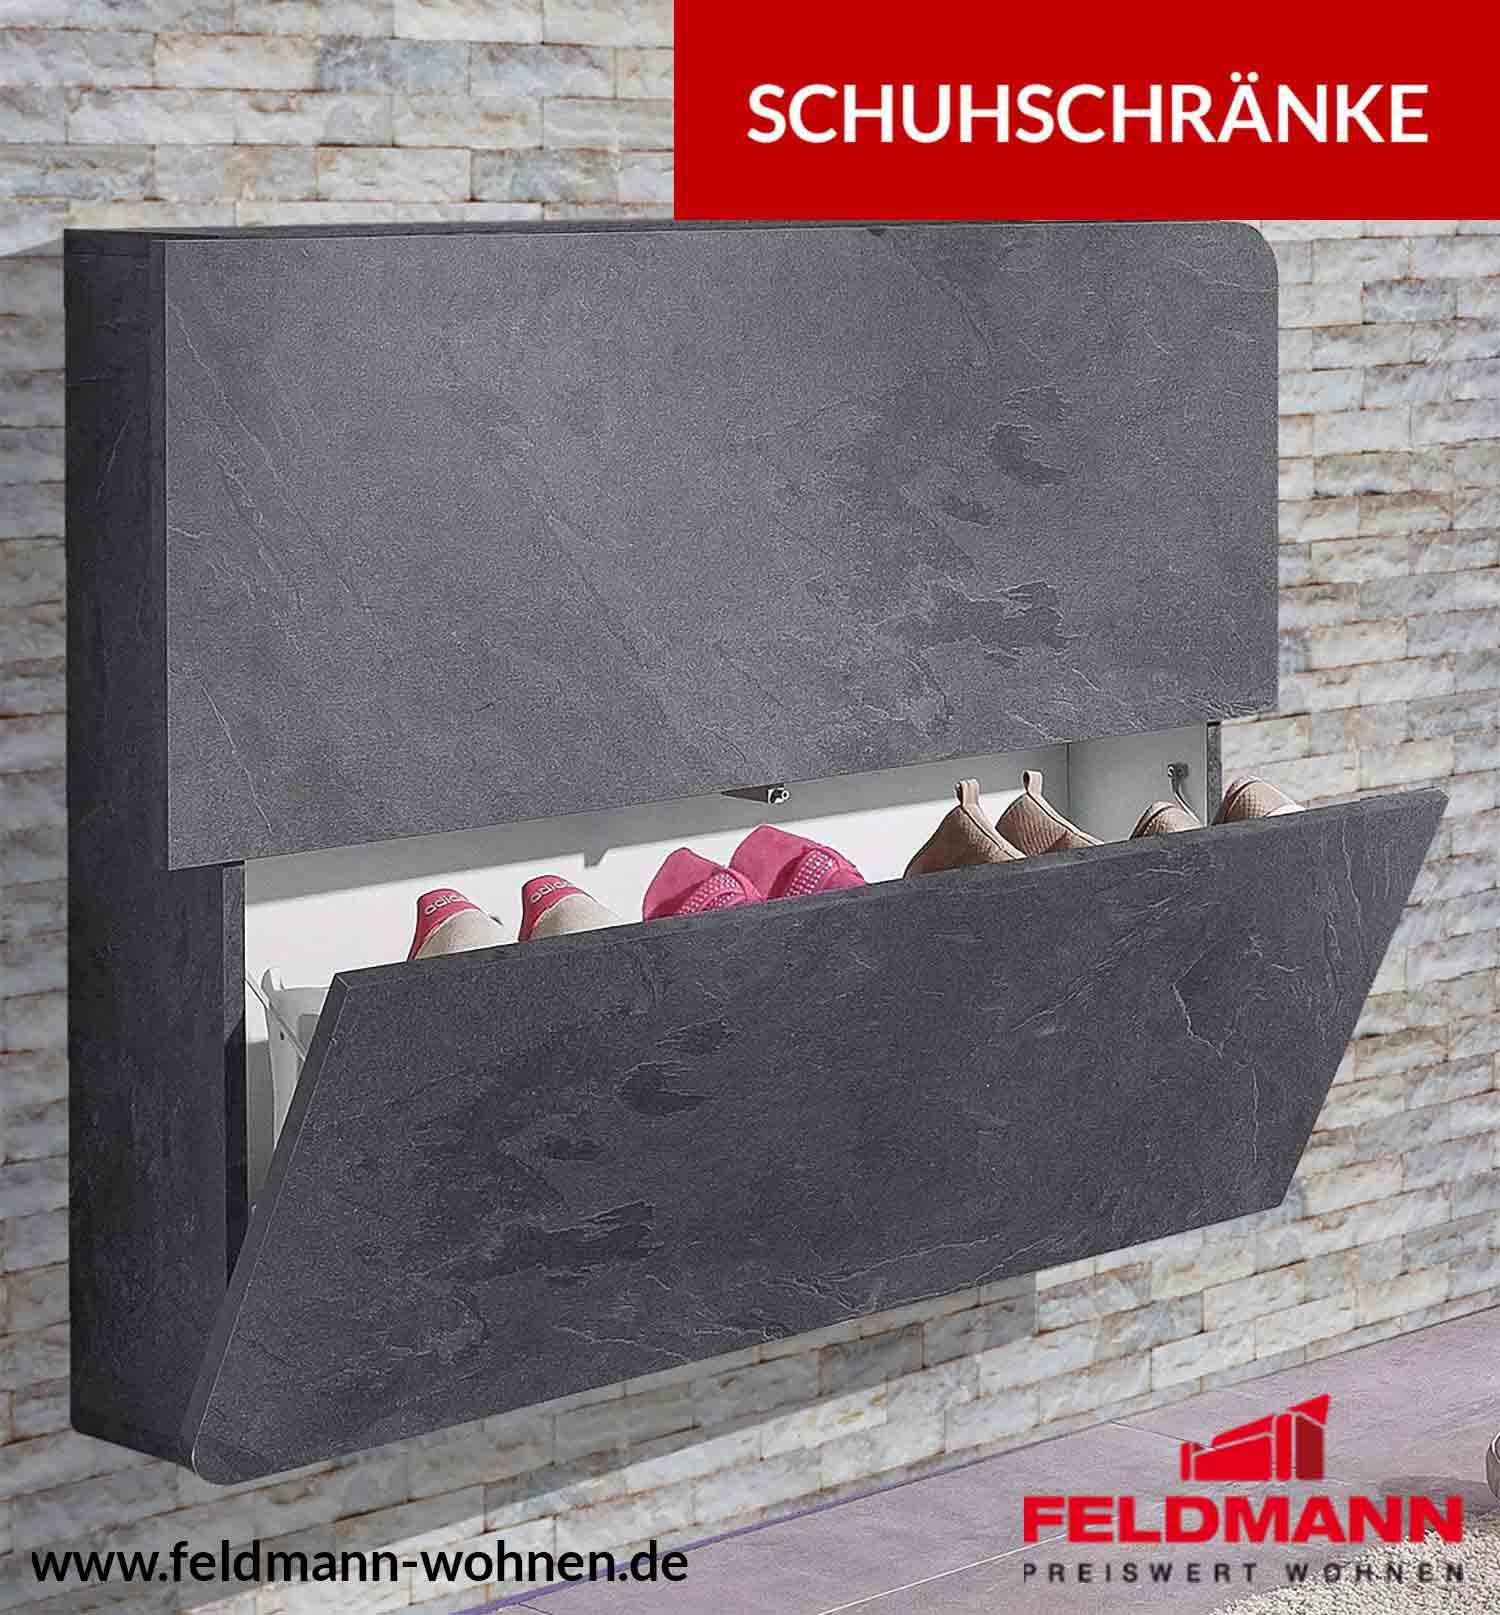 Schuhschränke günstig bei Feldmann online kaufen